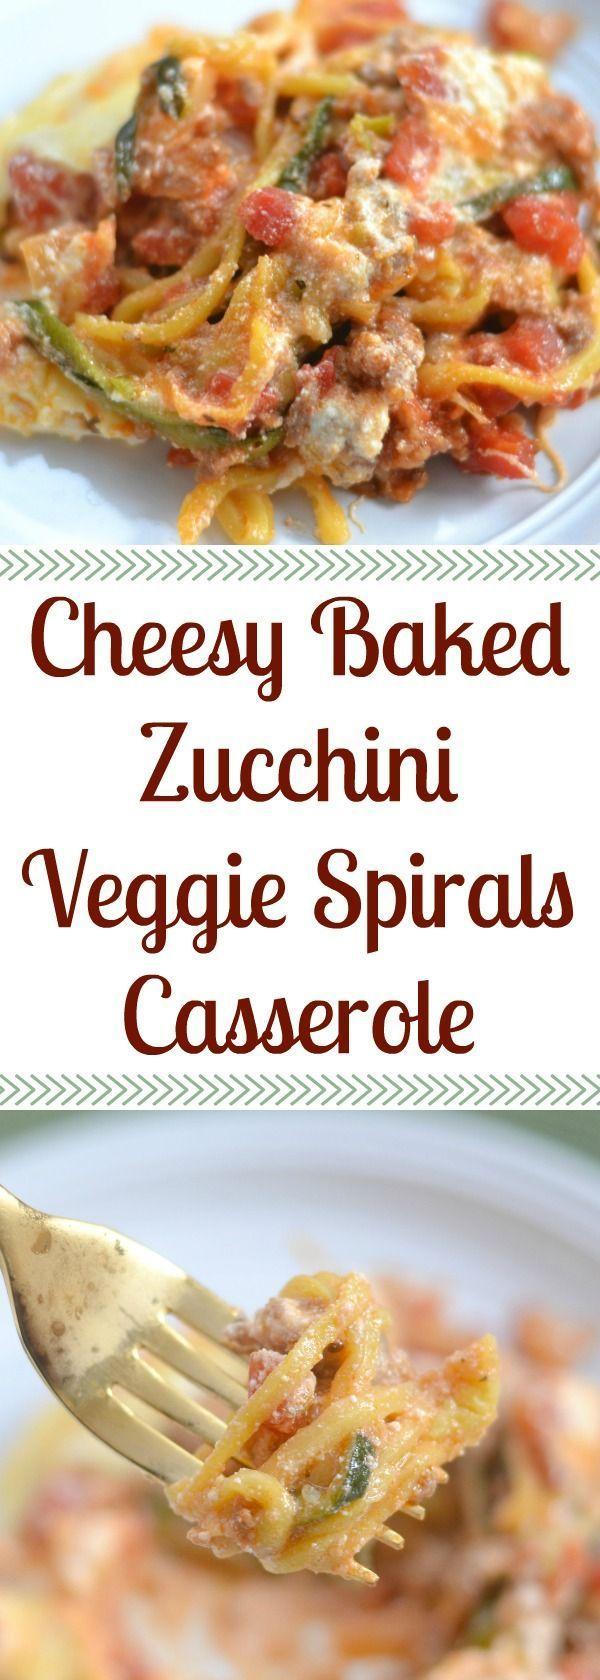 Cheesy Baked Zucchini Veggie Spirals Casserole   - {BOS} - Recipes - #Baked #BOS #Casserole #Cheesy #Recipes #Spirals #Veggie #Zucchini #zucchininoodles